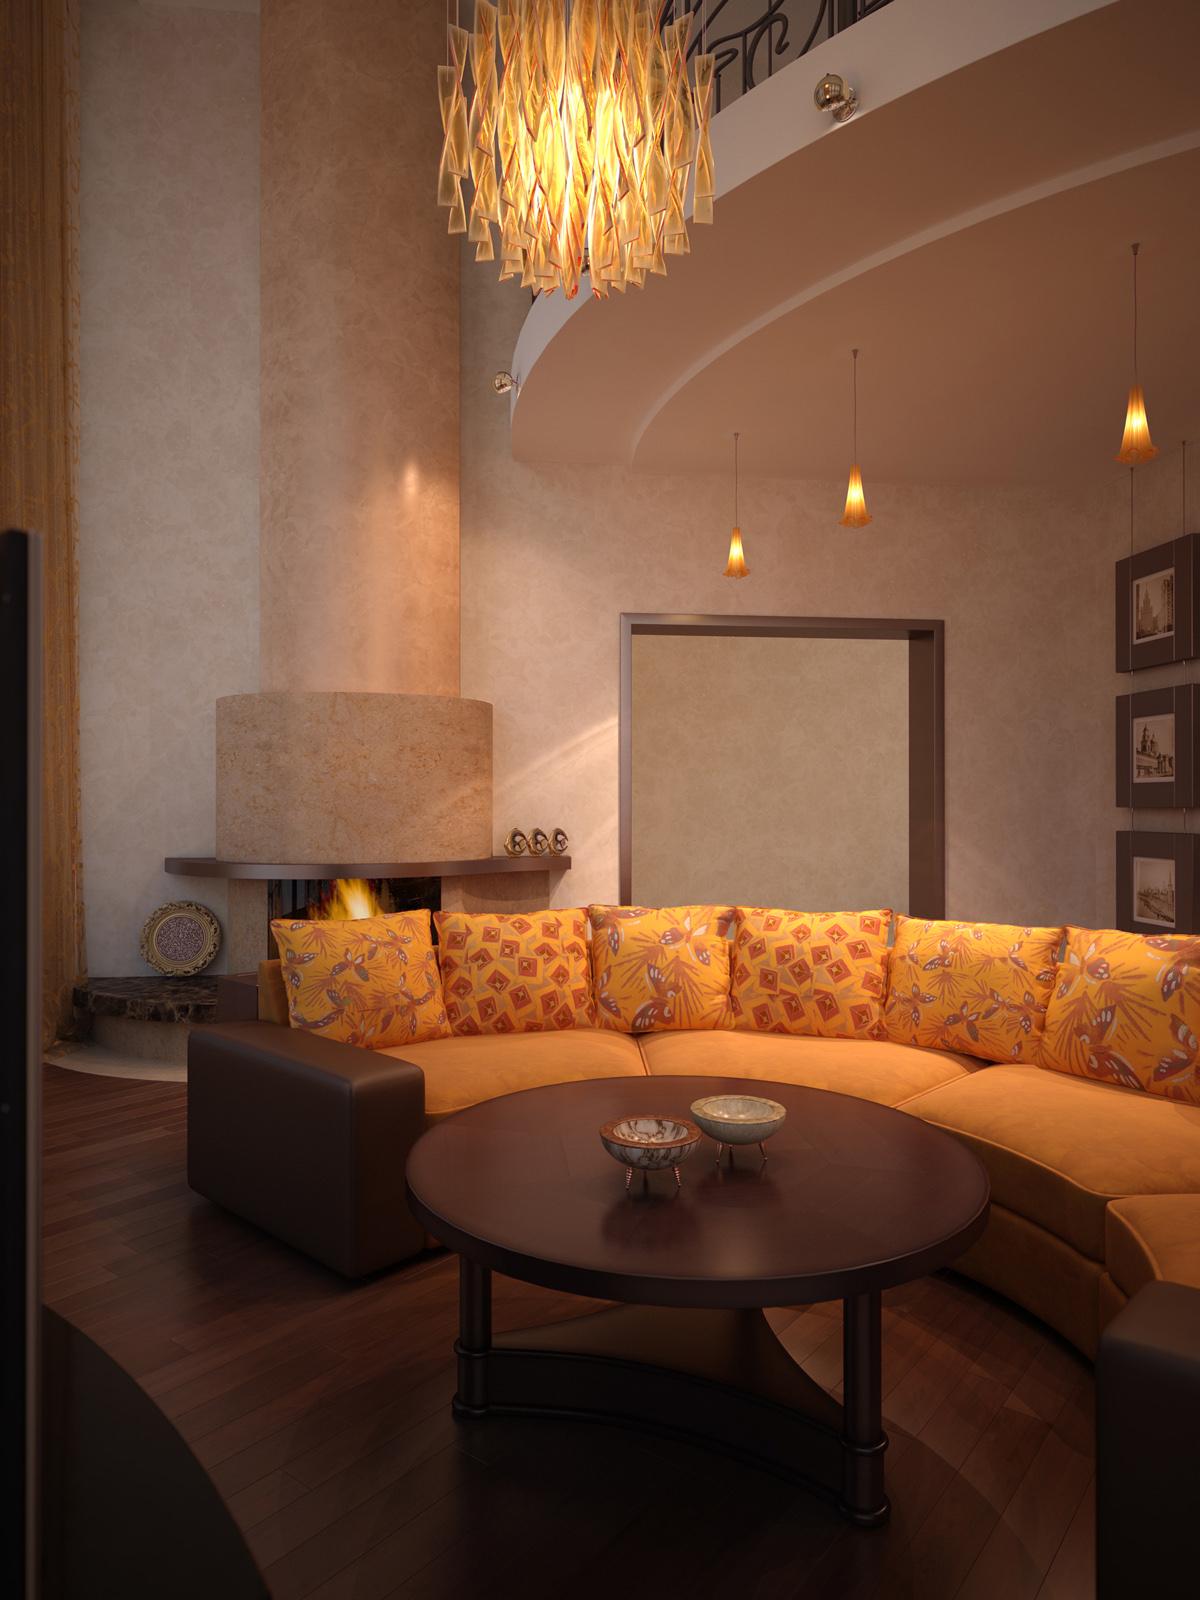 Оранжево-коричневый интерьер гостиной